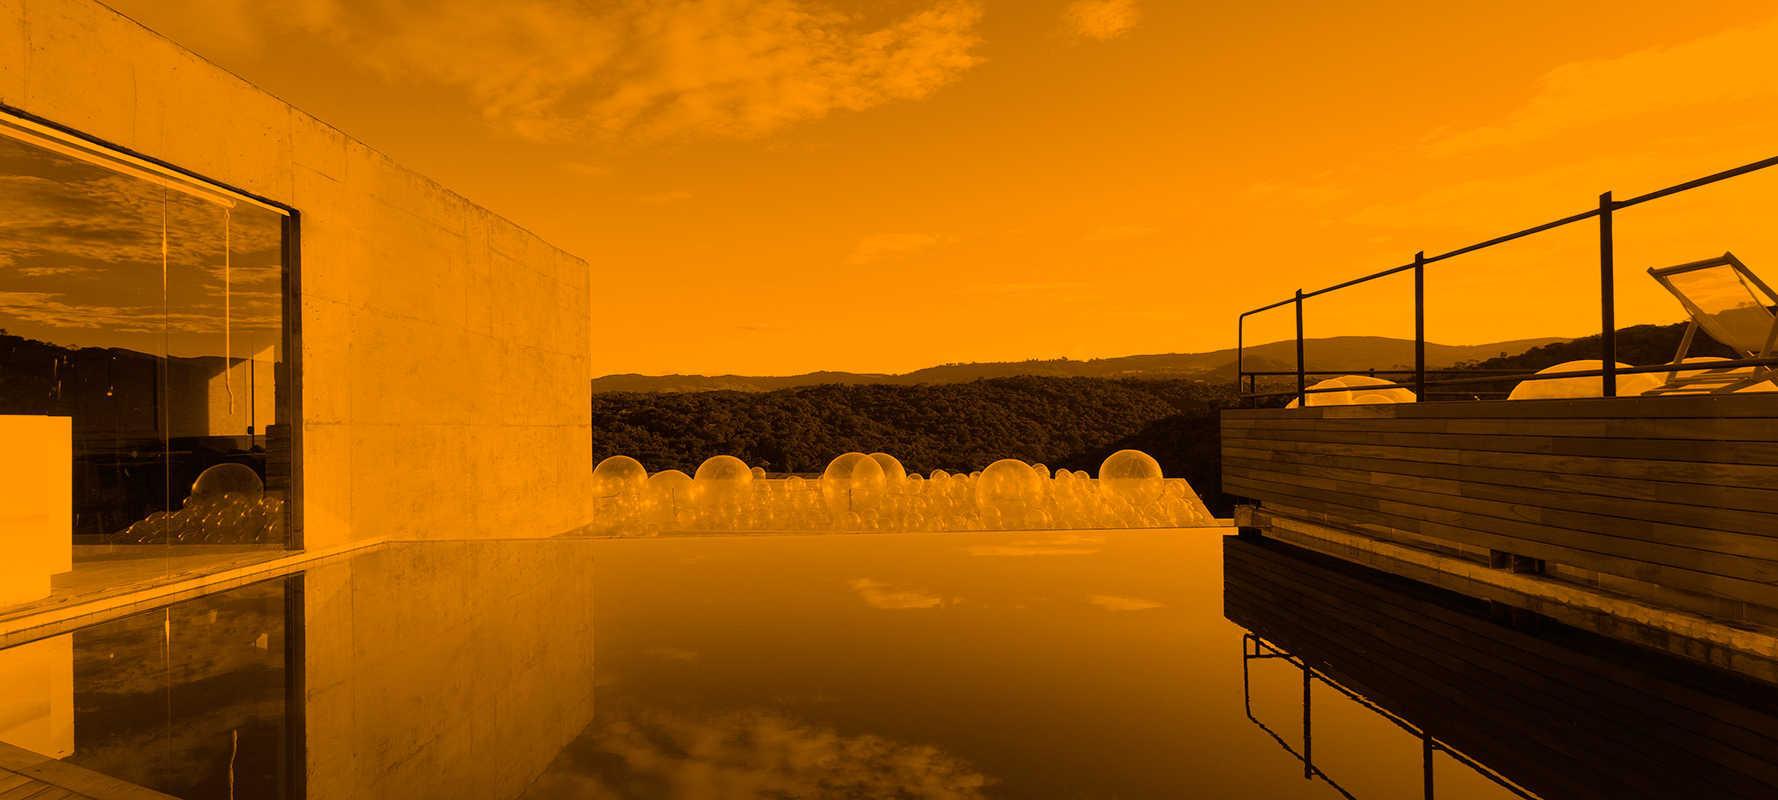 piscina_amarelo